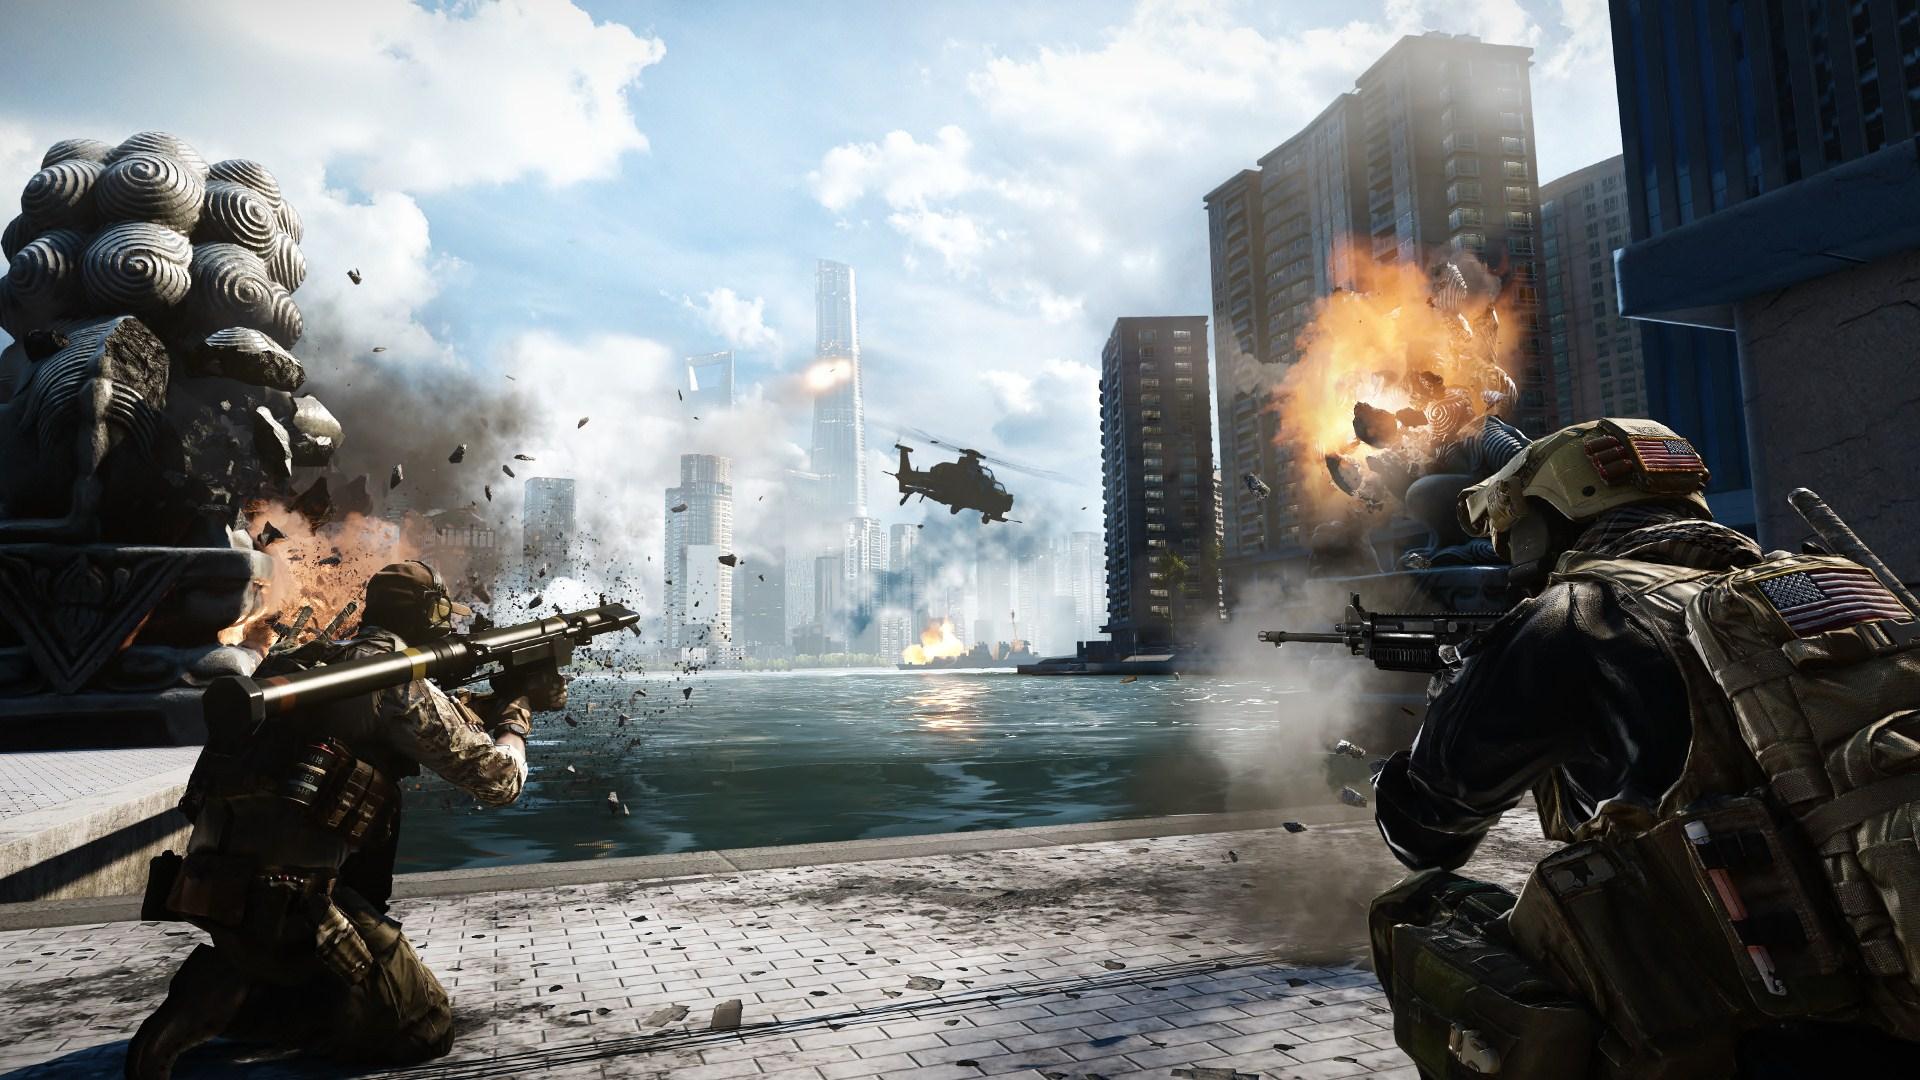 Video Game - Battlefield 4  Wallpaper